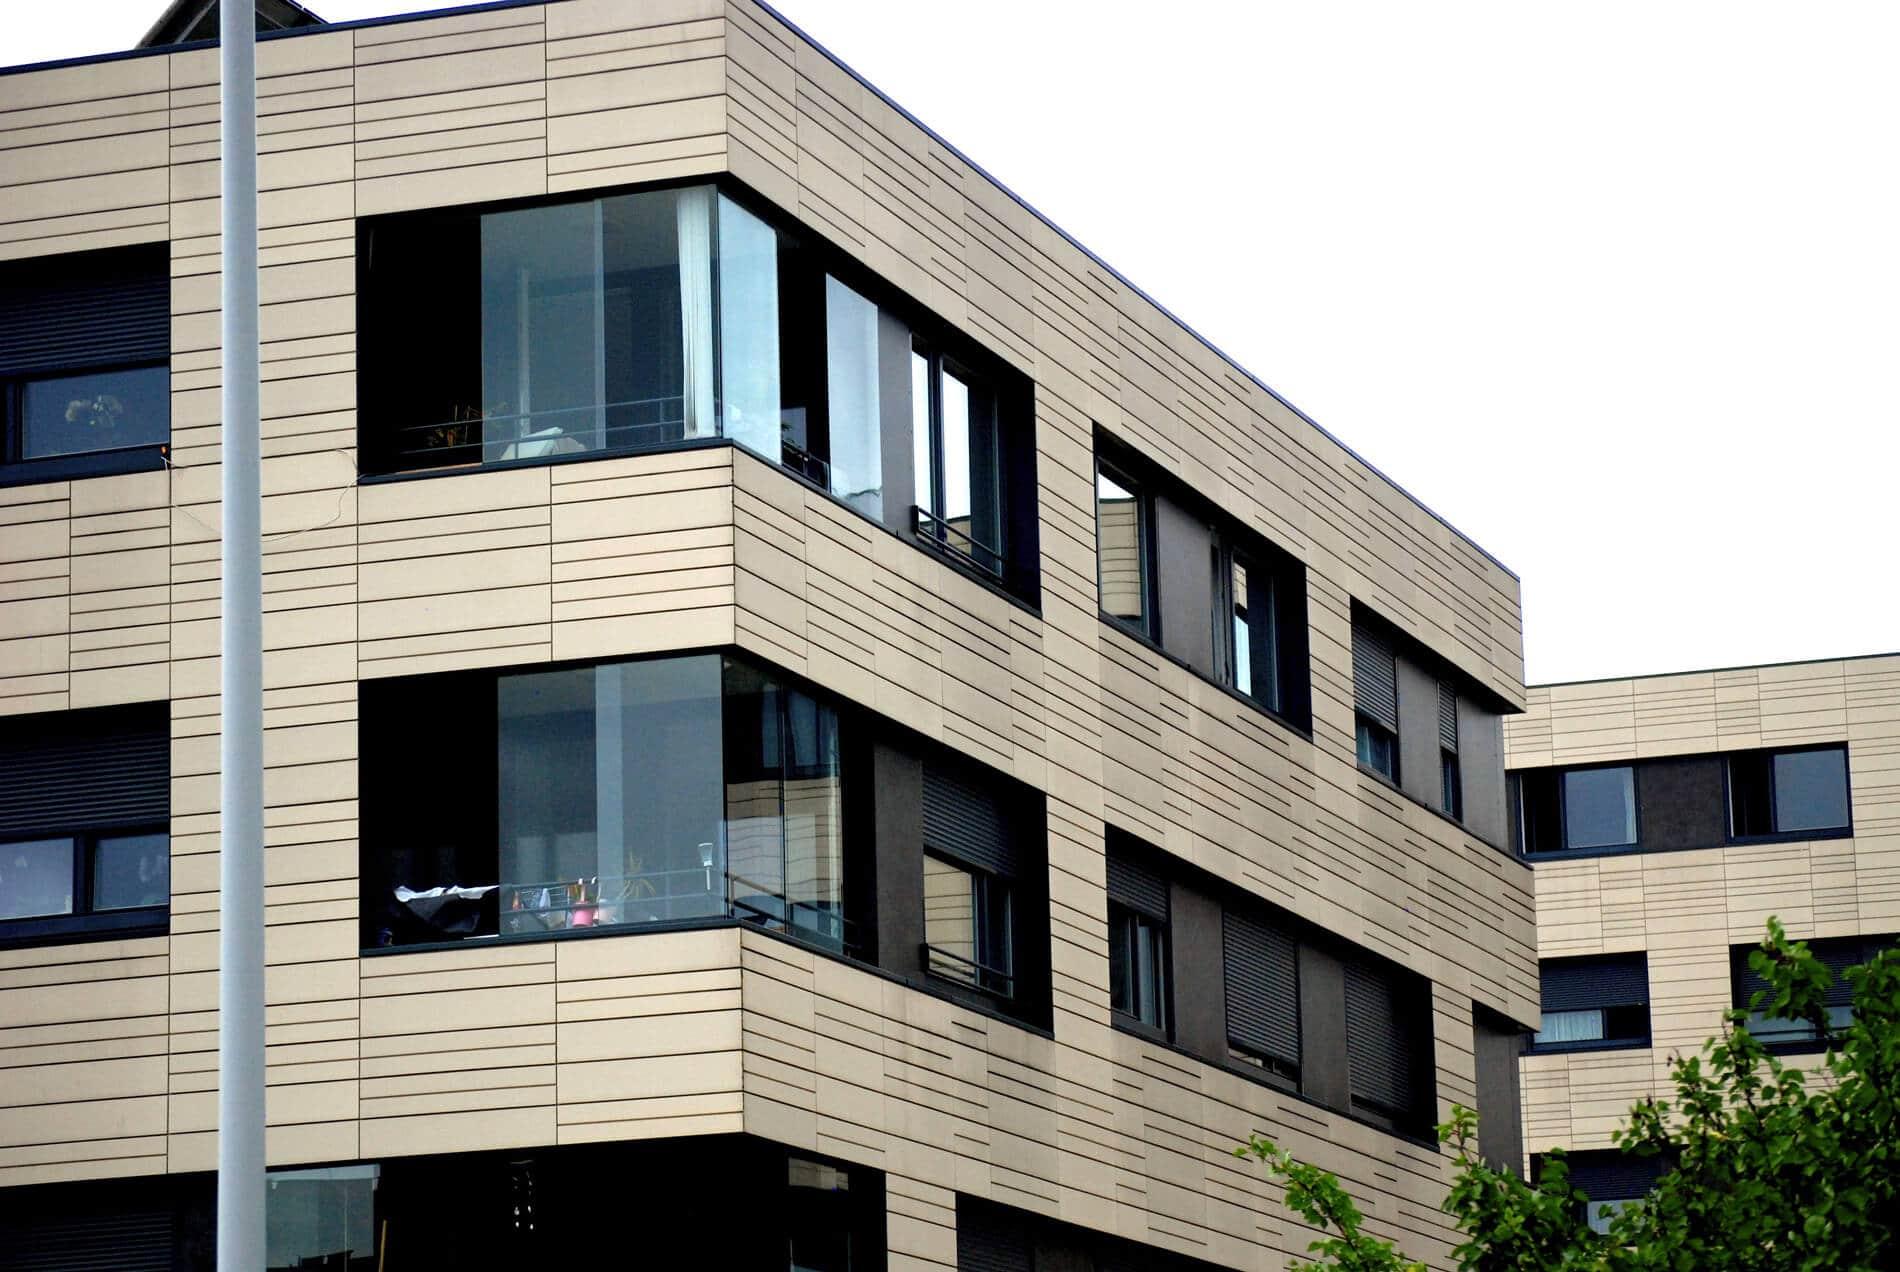 Balkonverglasungen für modernes Wohnhaus Österreich